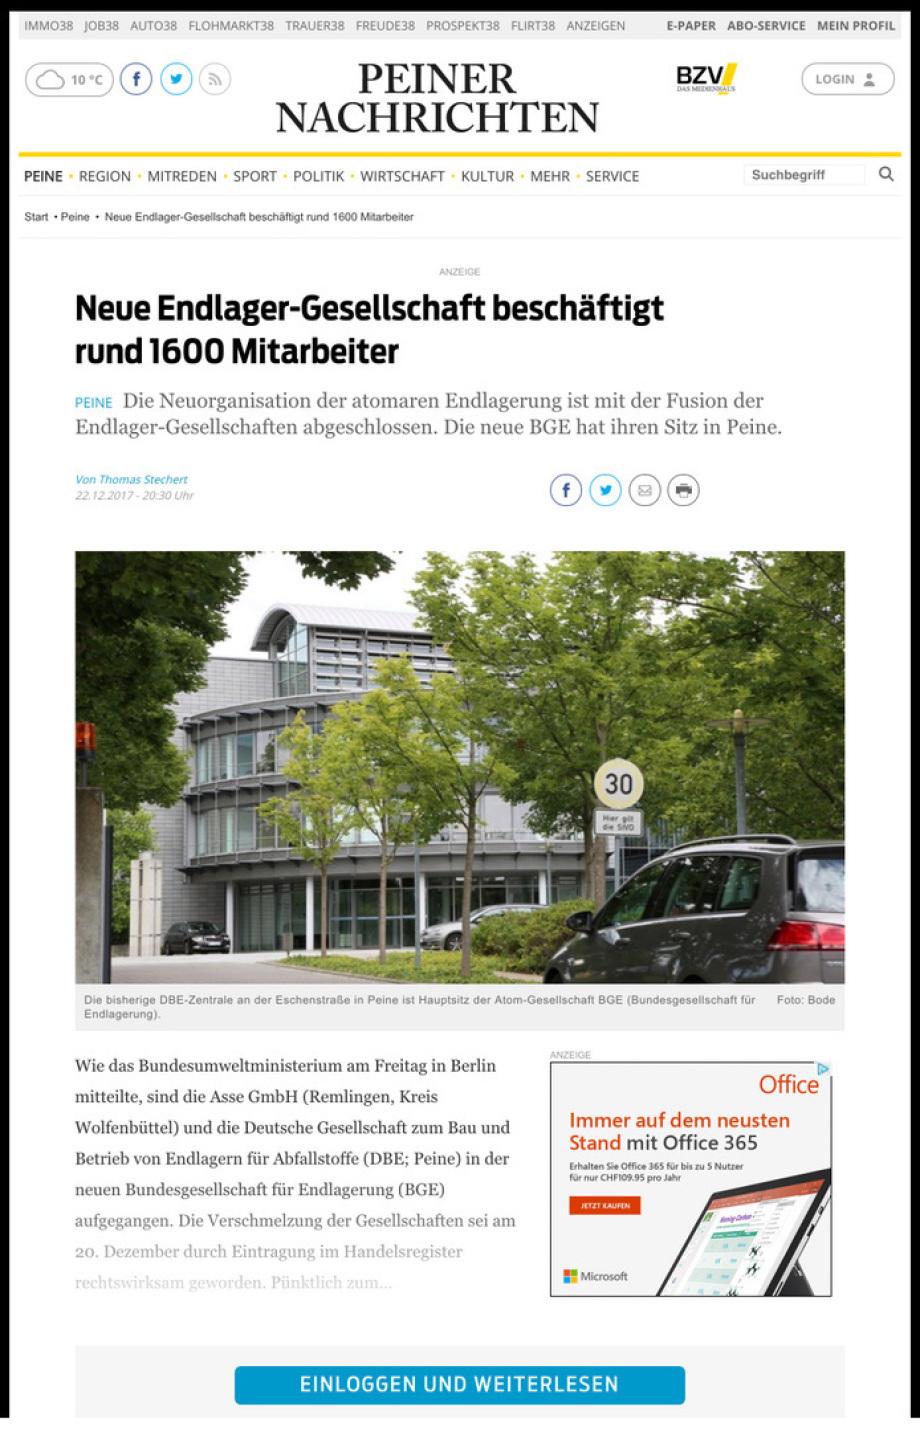 BGE_DBE_Peine_Peinlich_ohne_Planungen_ohne_Standorte_seit_37_Jahren_erfolgloses_Team